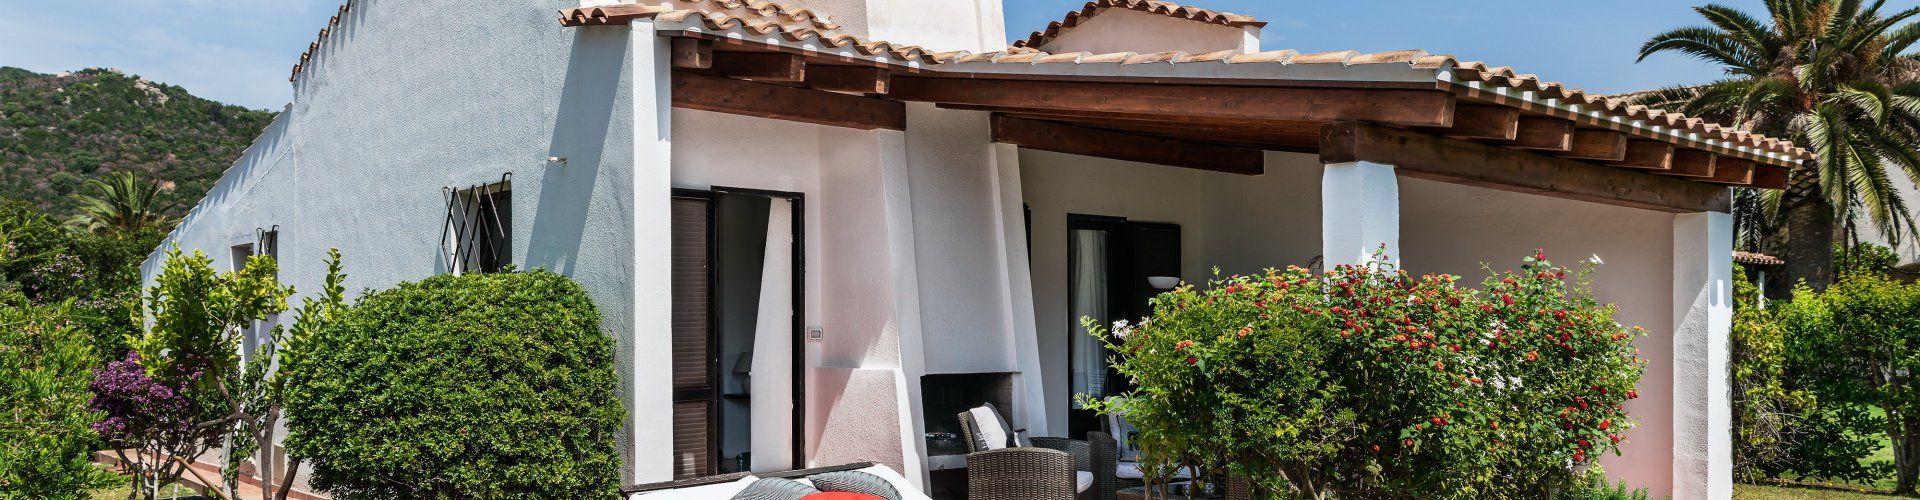 Terrace Villa Salvi, Costa Rei